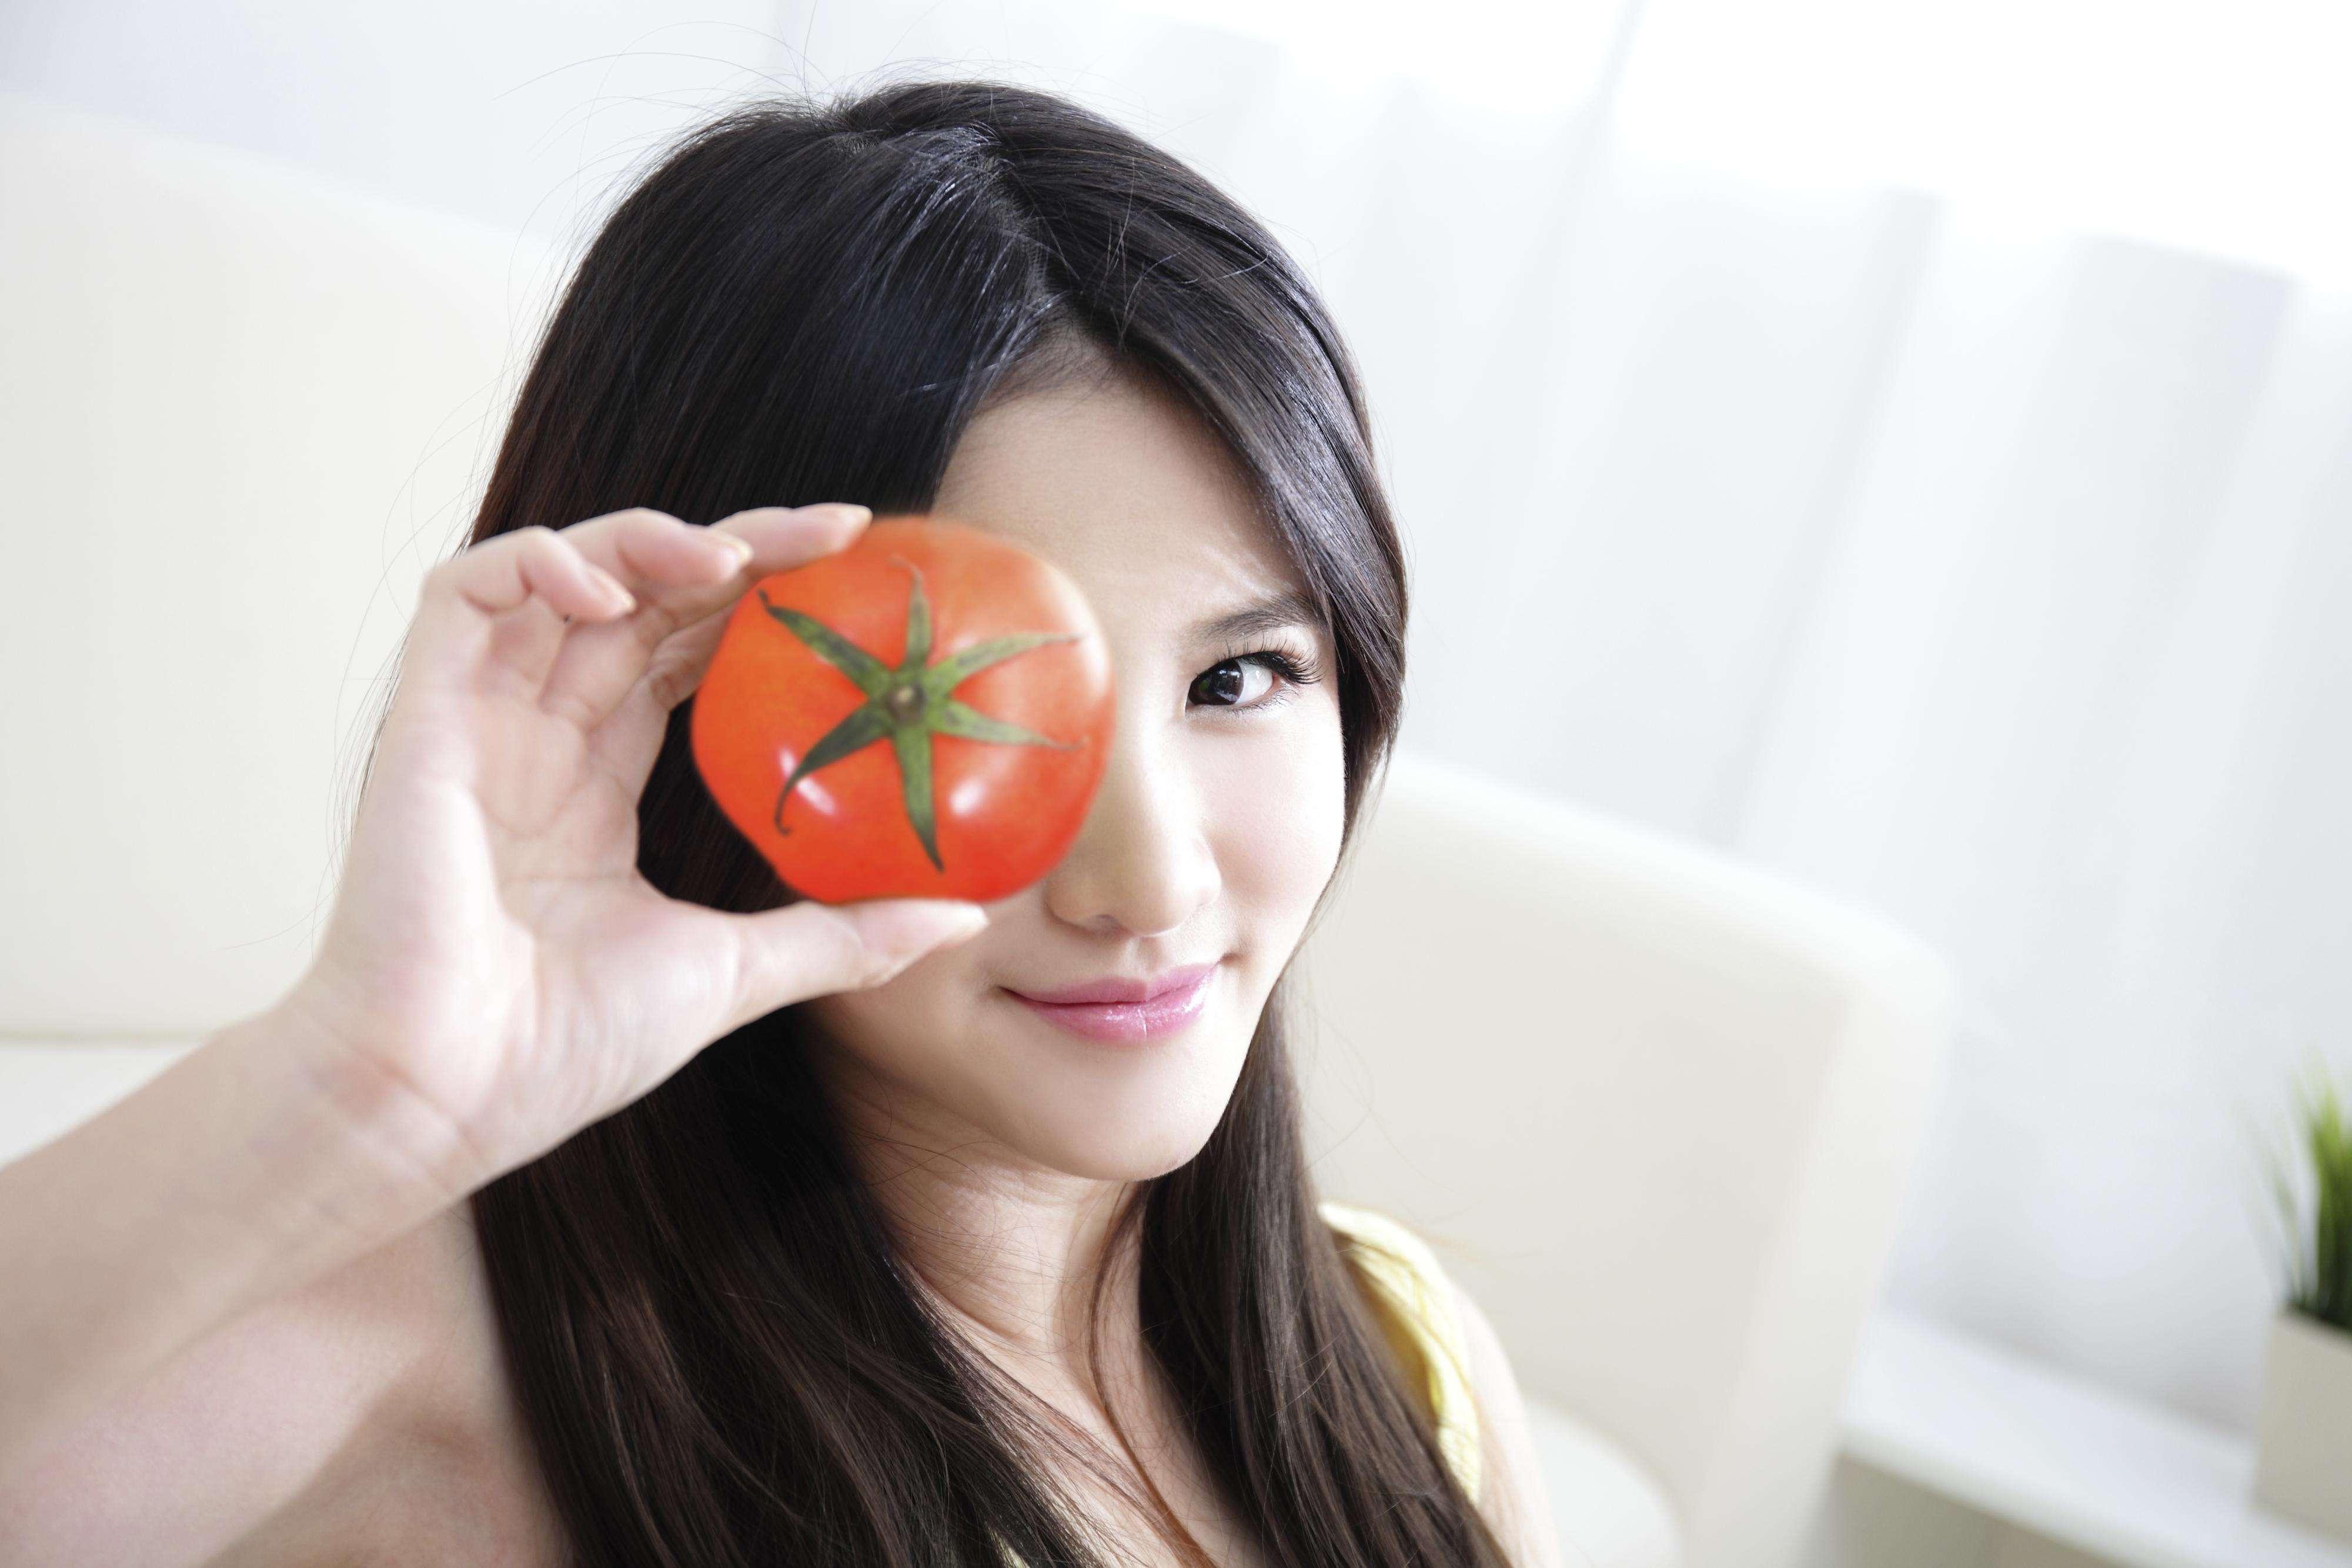 Mascarilla de tomate. Foto: Thinkstock